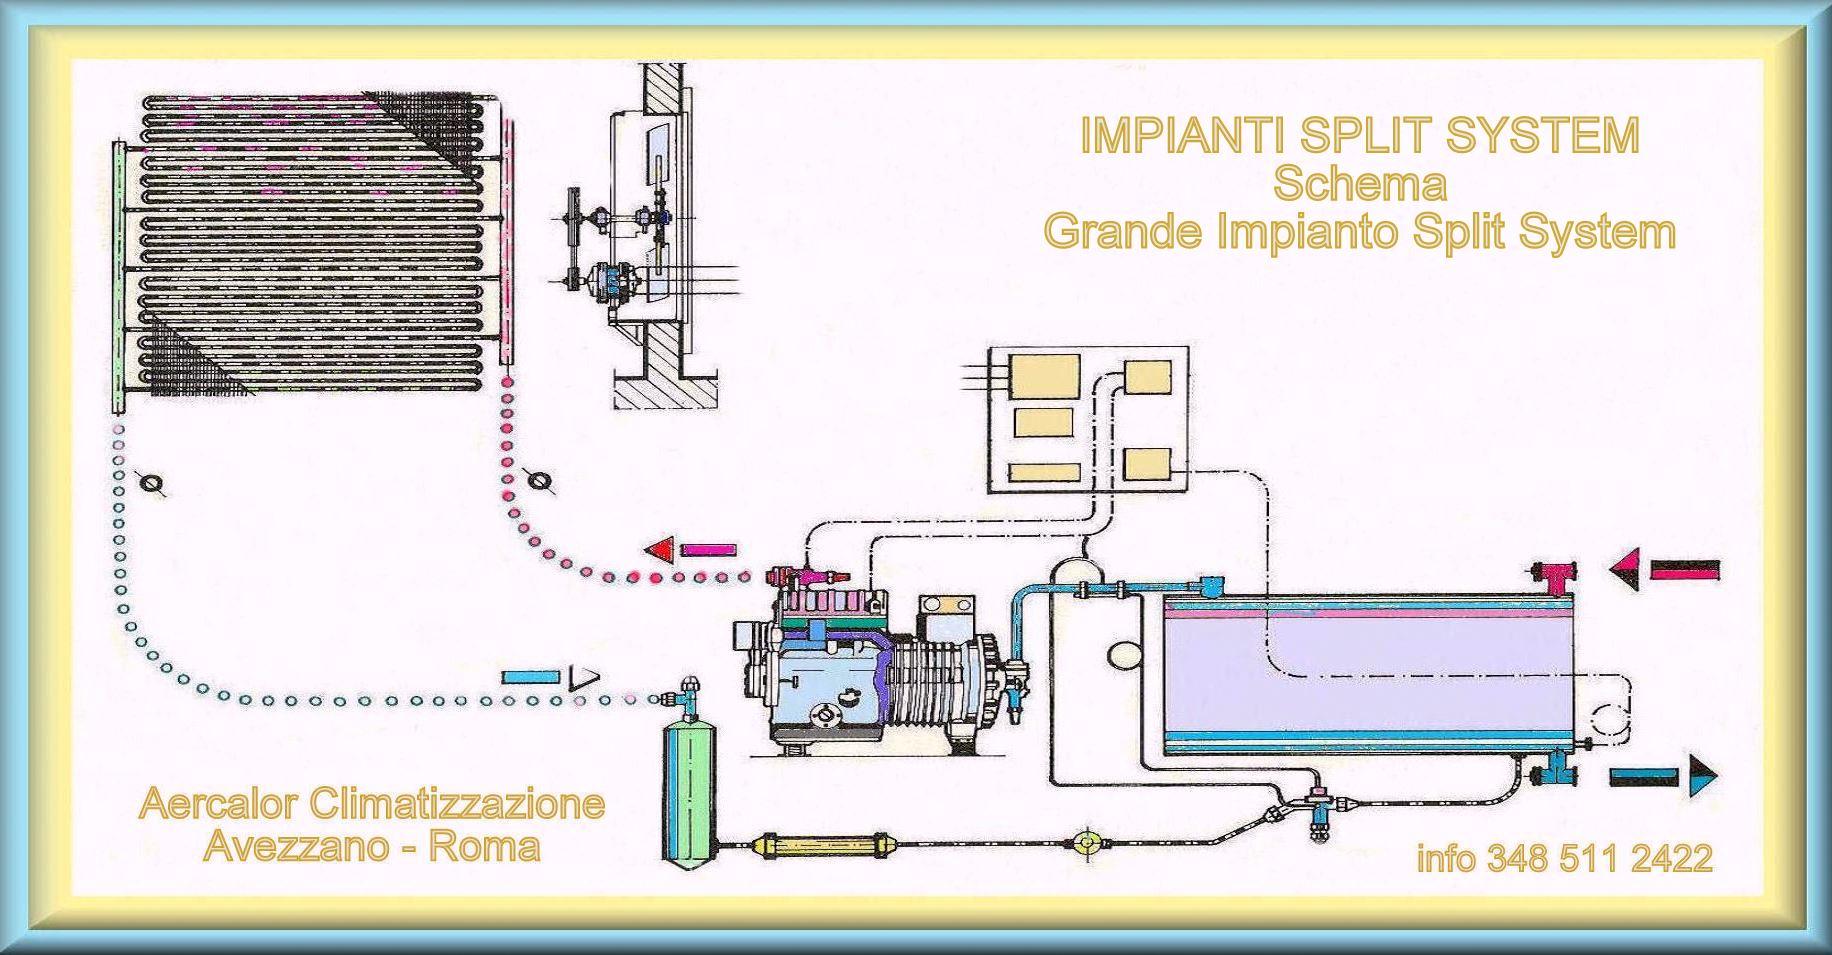 Aercalor news impianti split system installazione for Impianto climatizzazione